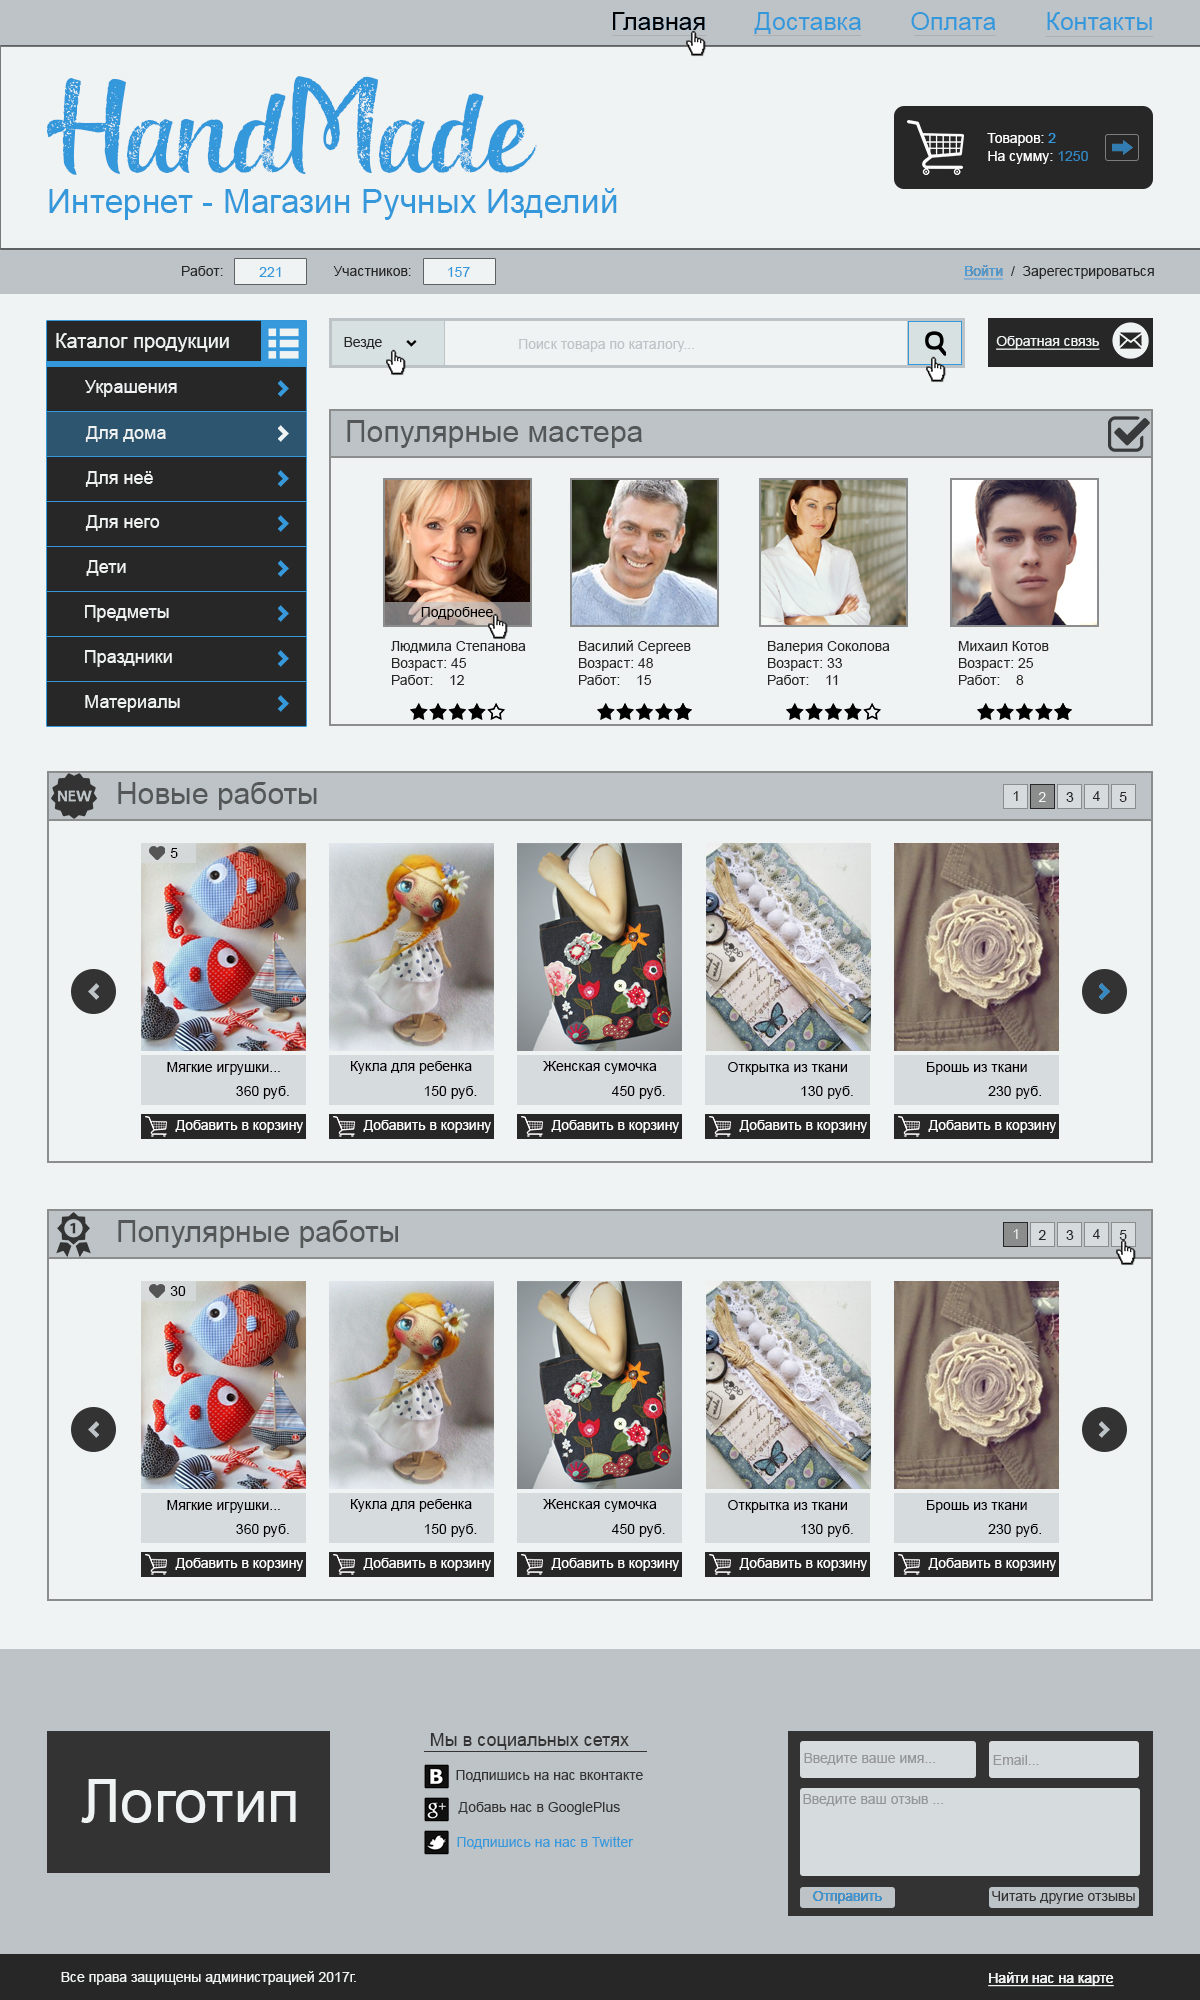 Разработка дизайна портала по тематике handmade. фото f_9955879a71e4000b.jpg